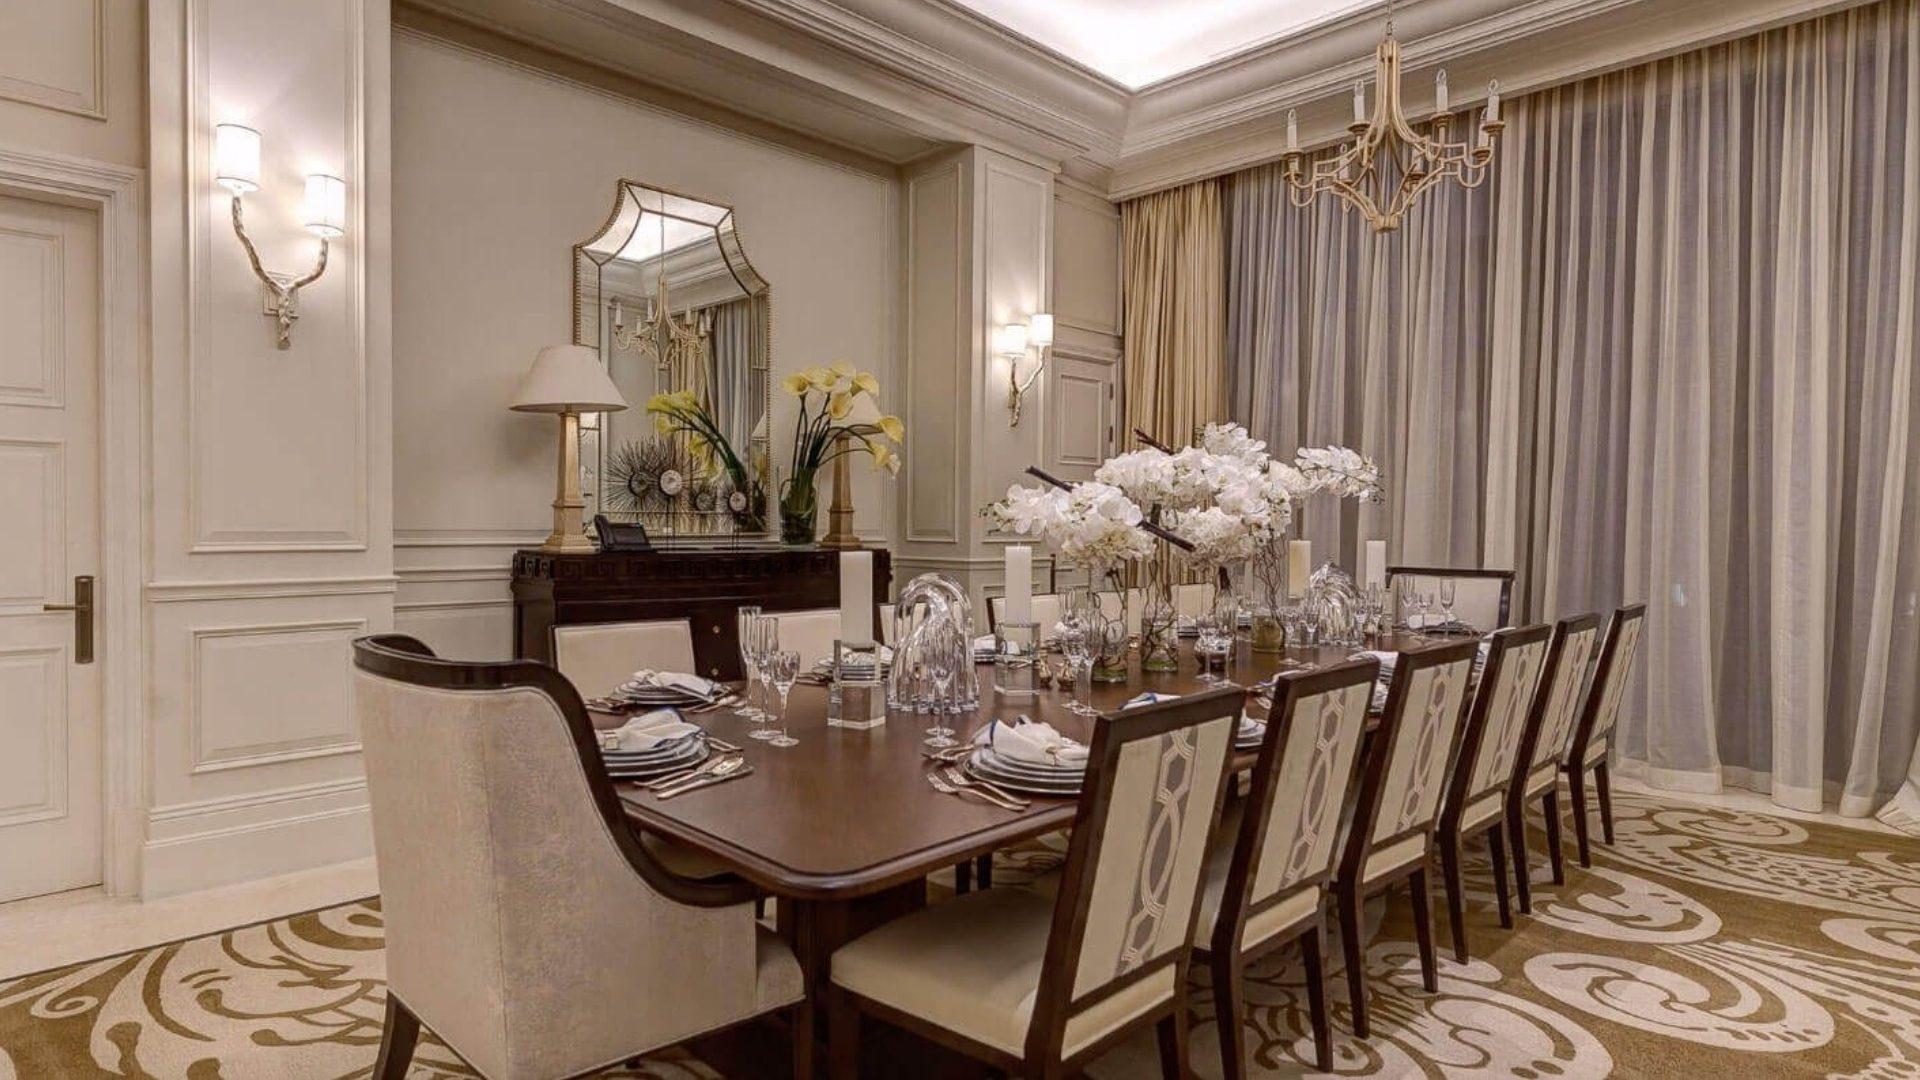 Villa en venta en Dubai, EAU, 7 dormitorios, 3197 m2, № 24635 – foto 2